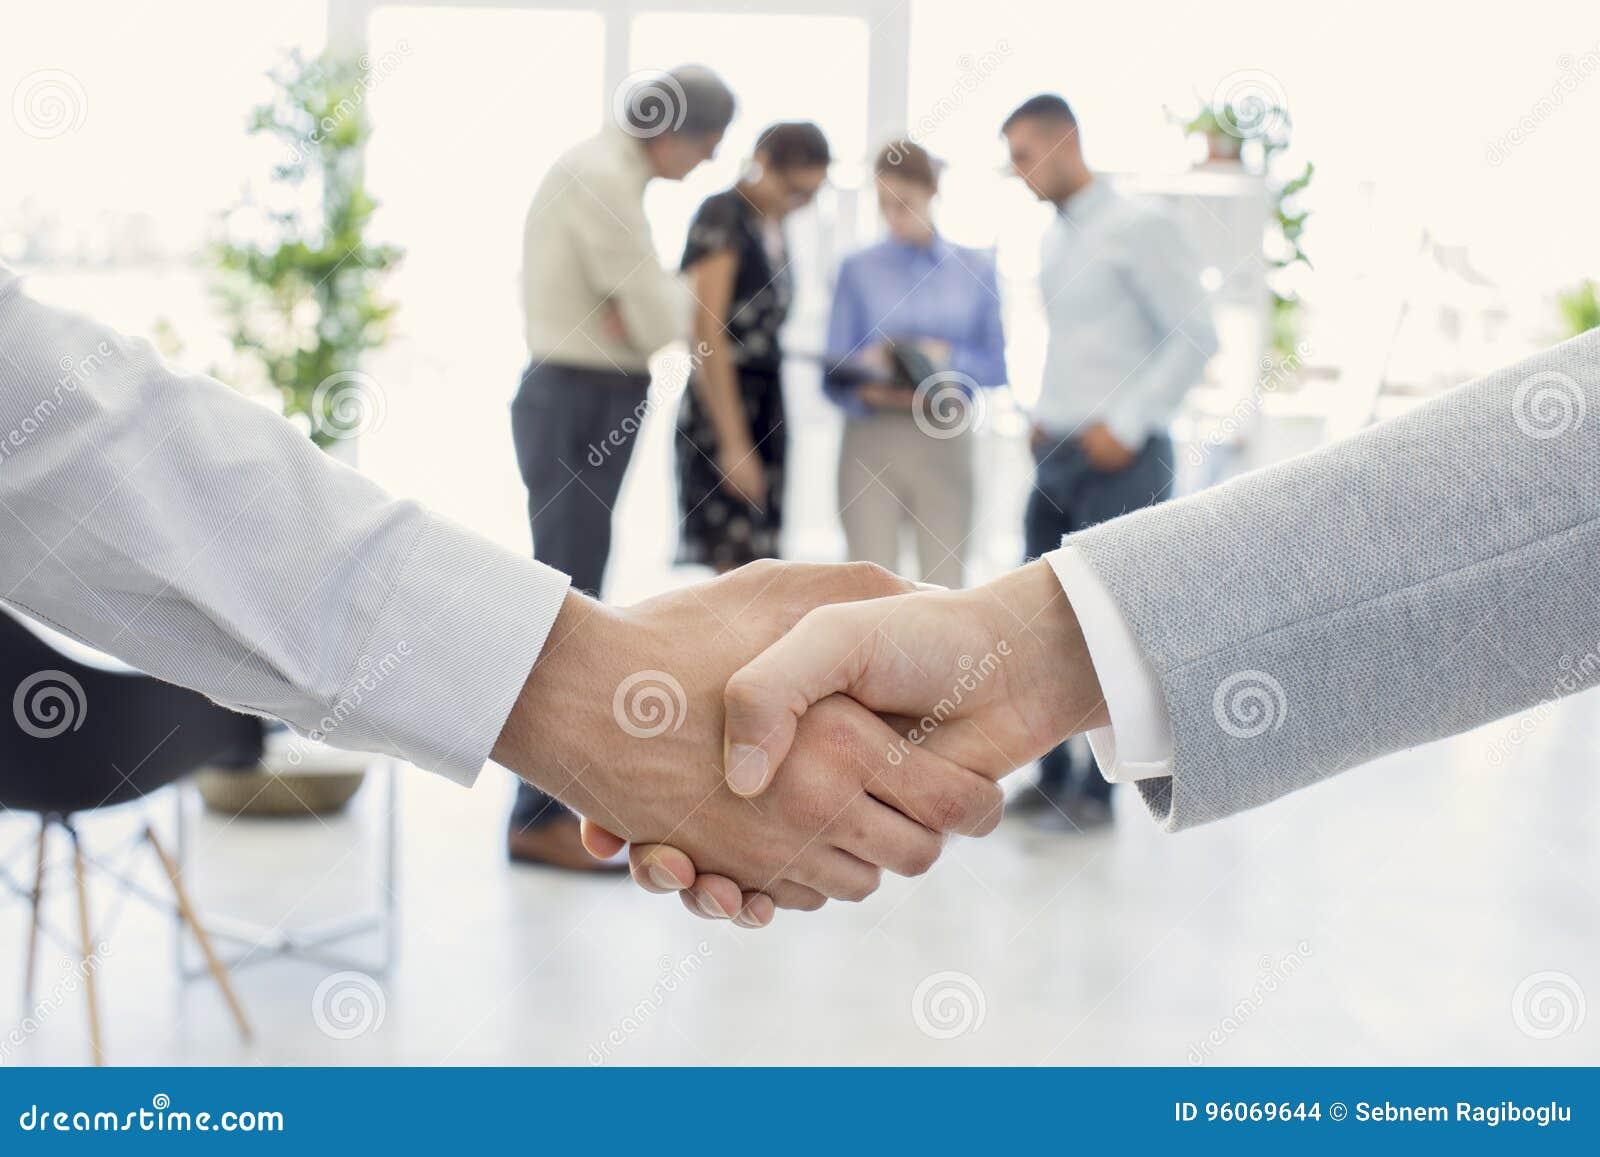 Рукопожатие и бизнесмены дела